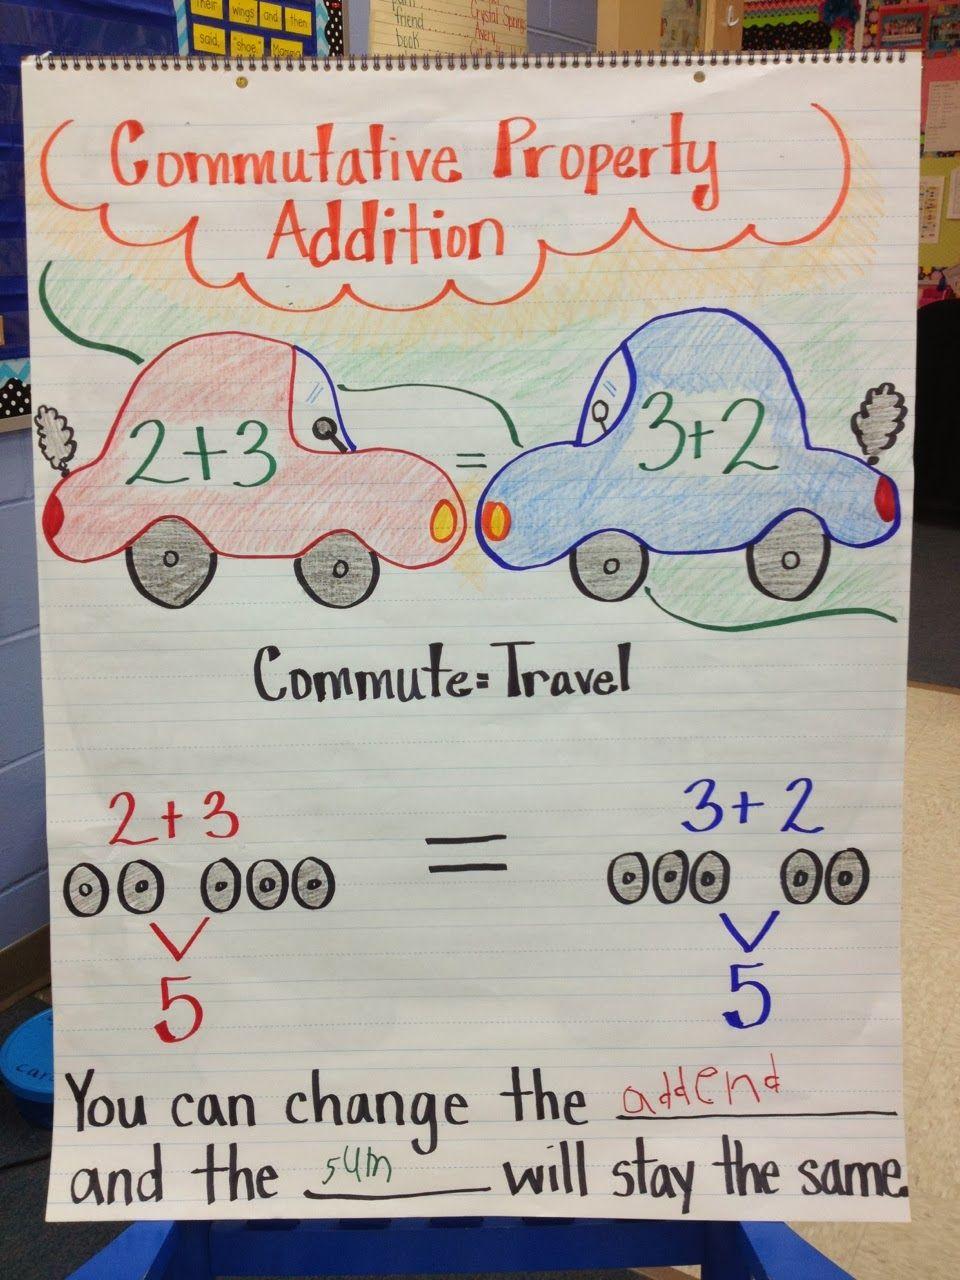 Math Commutative Property Addition Math Charts Math Anchor Charts Math School Associative property of addition 3rd